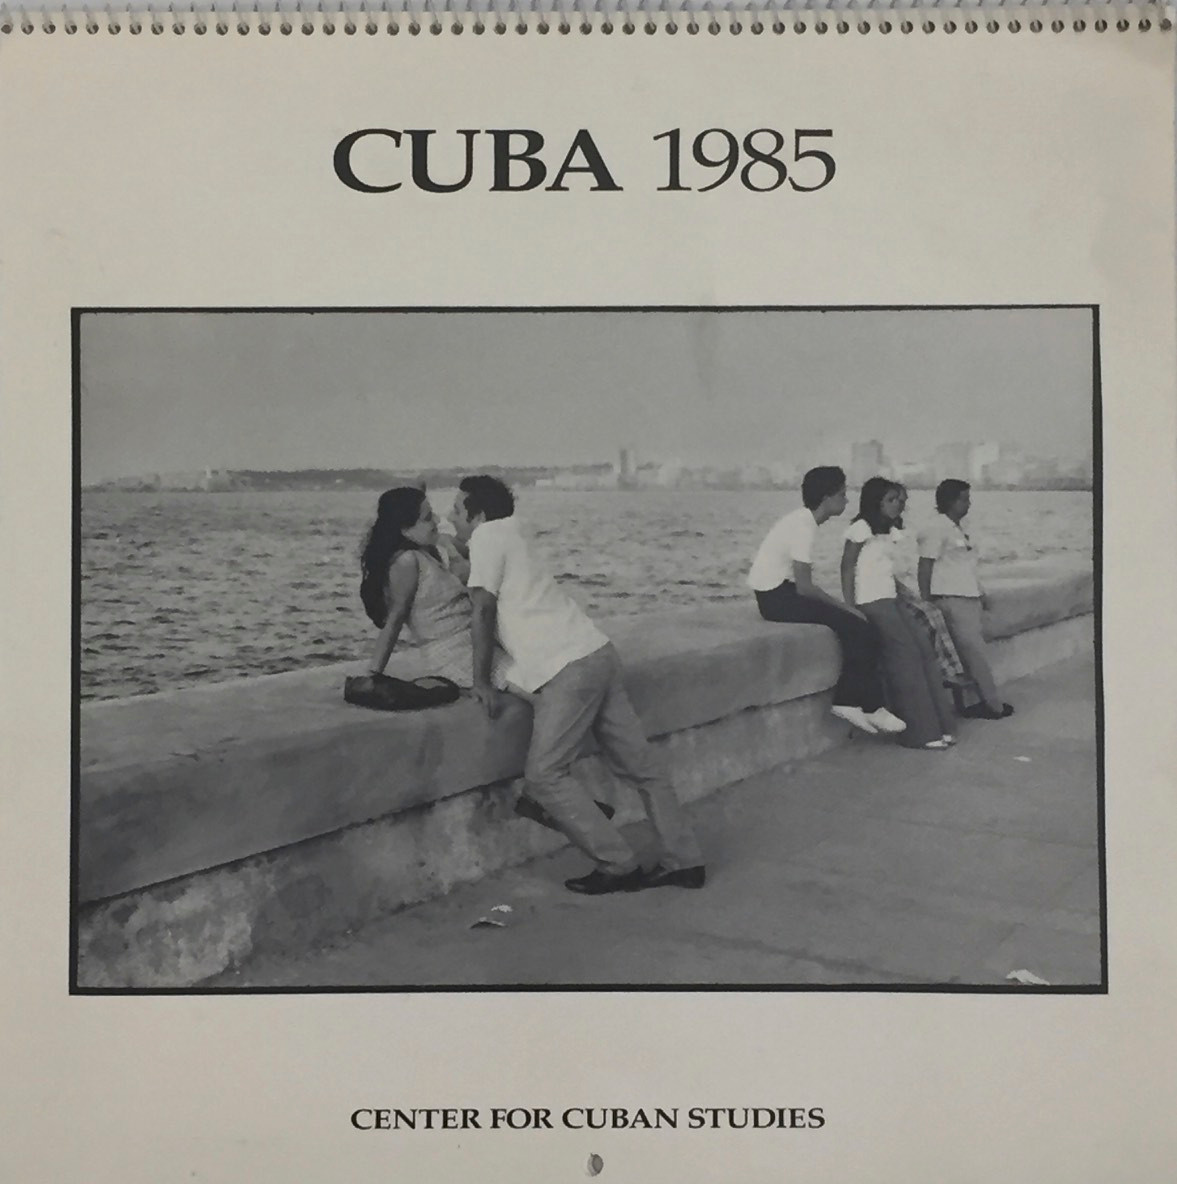 1985 Calendar.1985 Calendar Sold Out Center For Cuban Studies